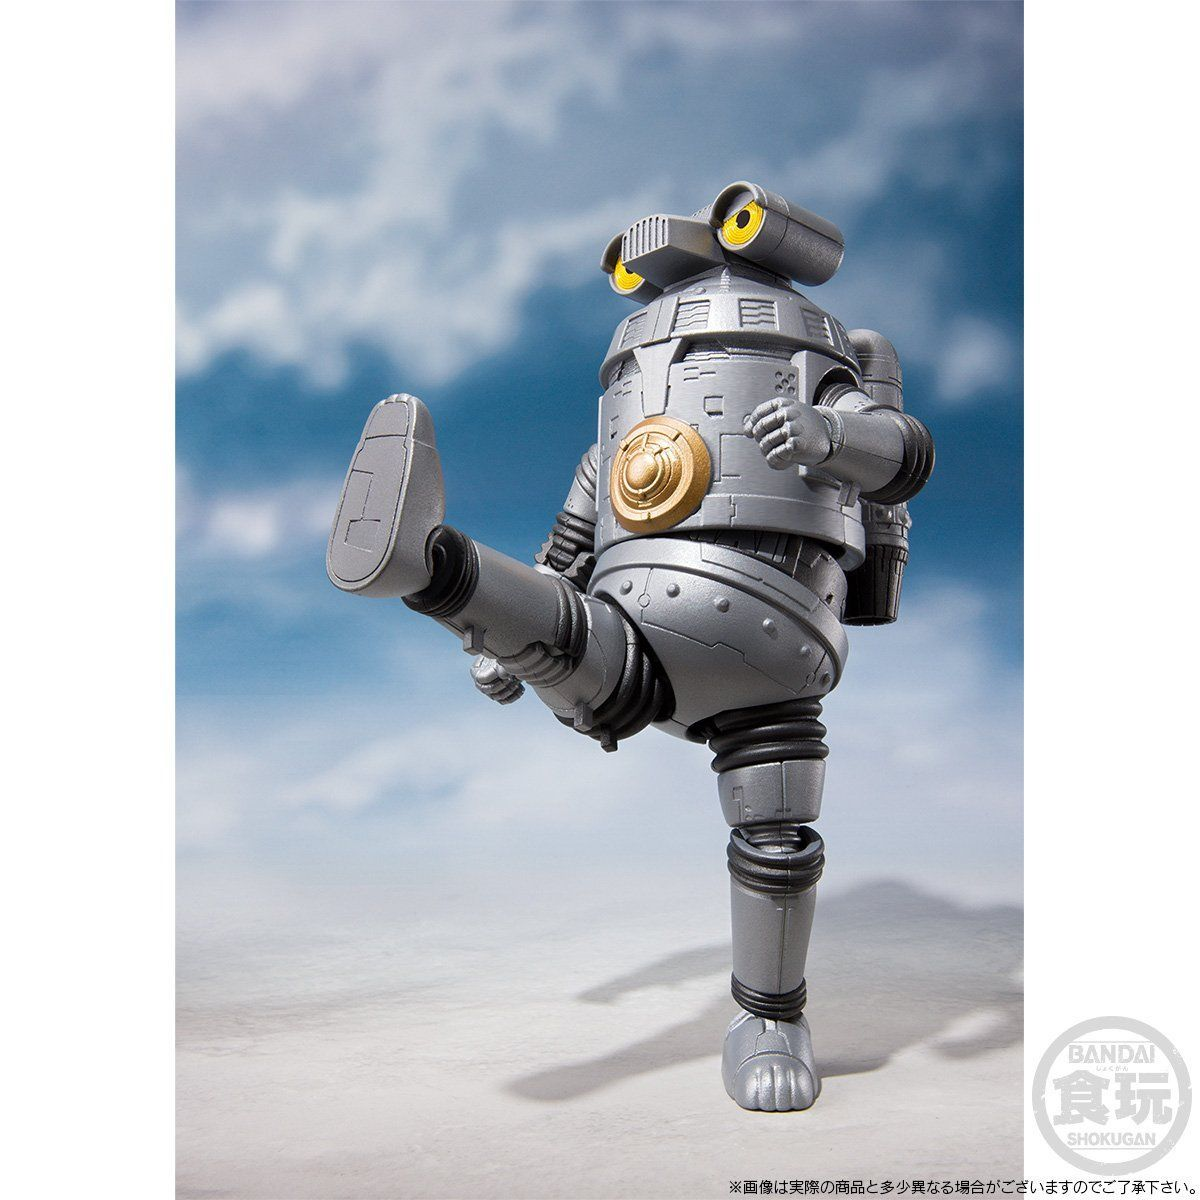 【限定販売】【食玩】ミニプラ『特空機1号セブンガー』ウルトラマンZ プラモデル-005